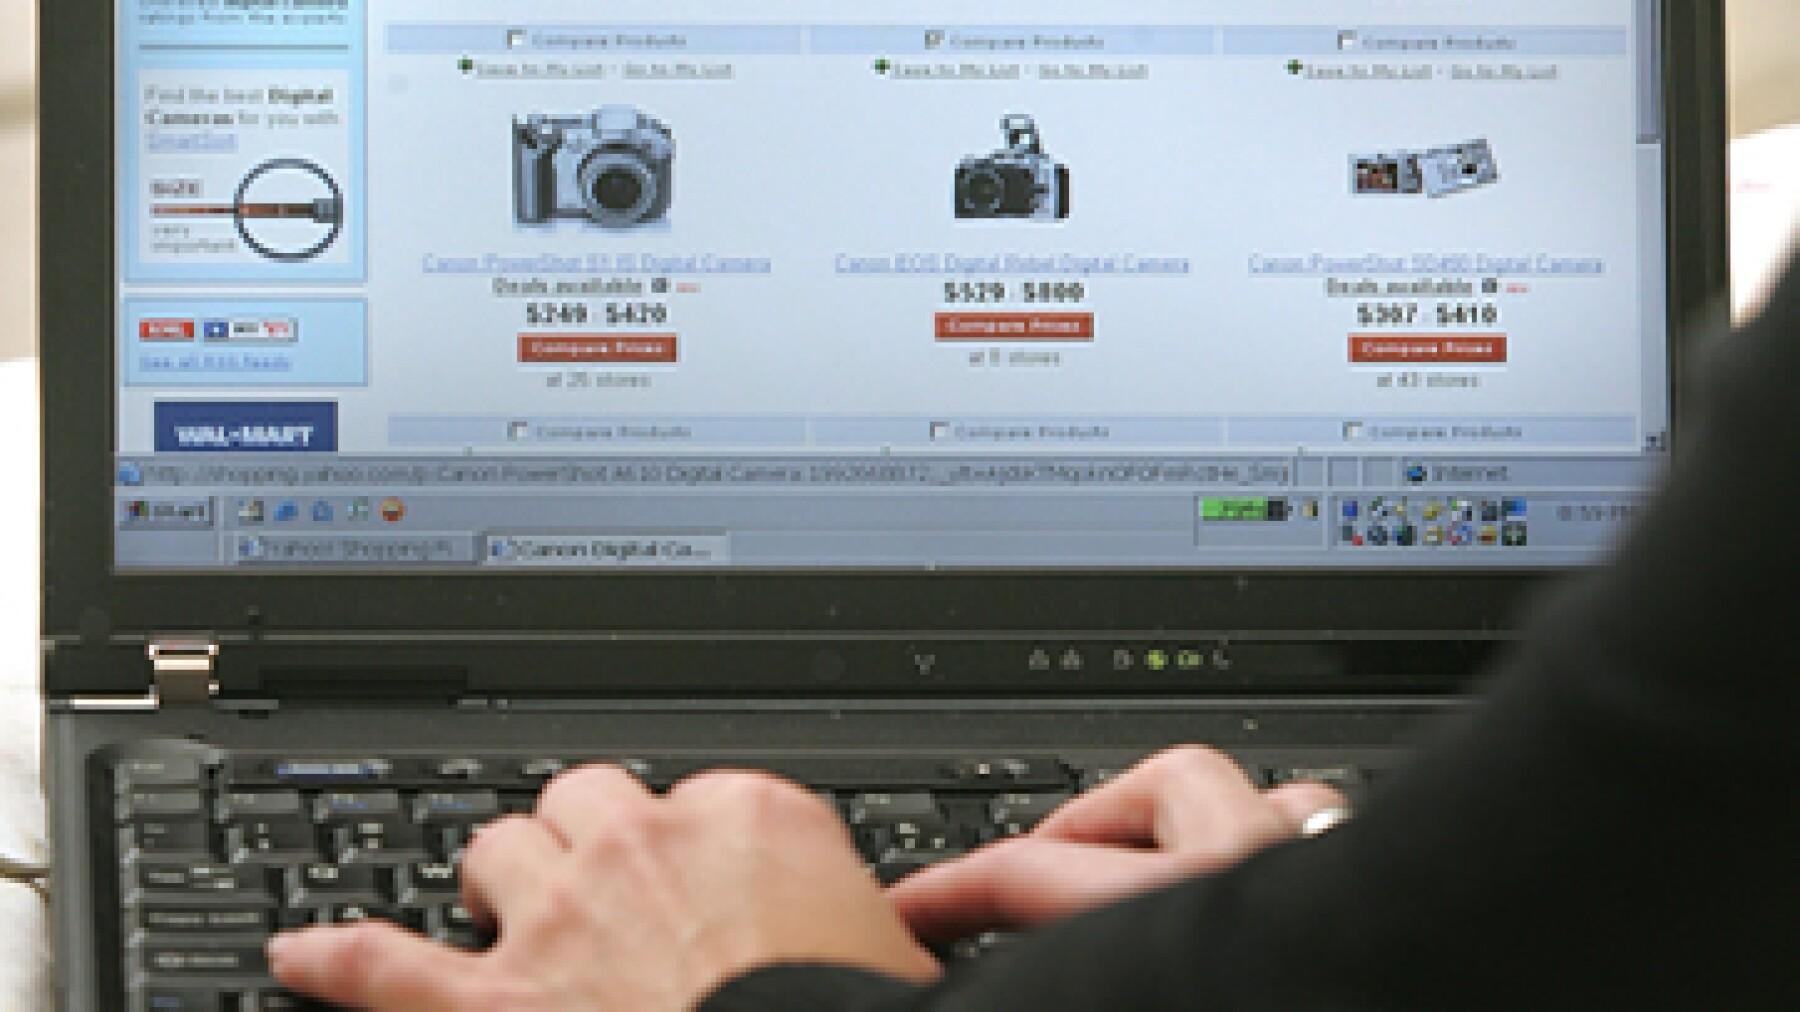 Algunos observadores consideran que la estrategia de negocios de Rocket Internet es una buena dinámica, propia del emprendimiento digital. (Foto: AP)